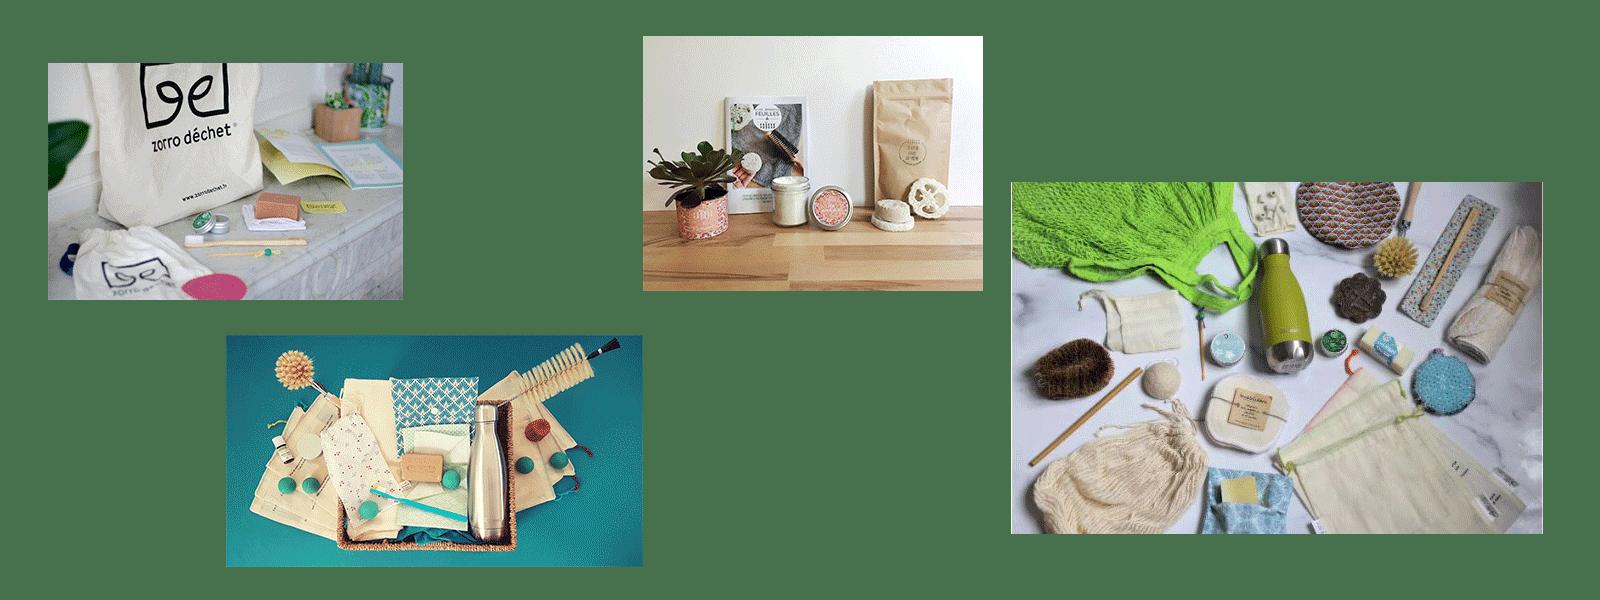 idées cadeaux zéro déchets box kit découverte